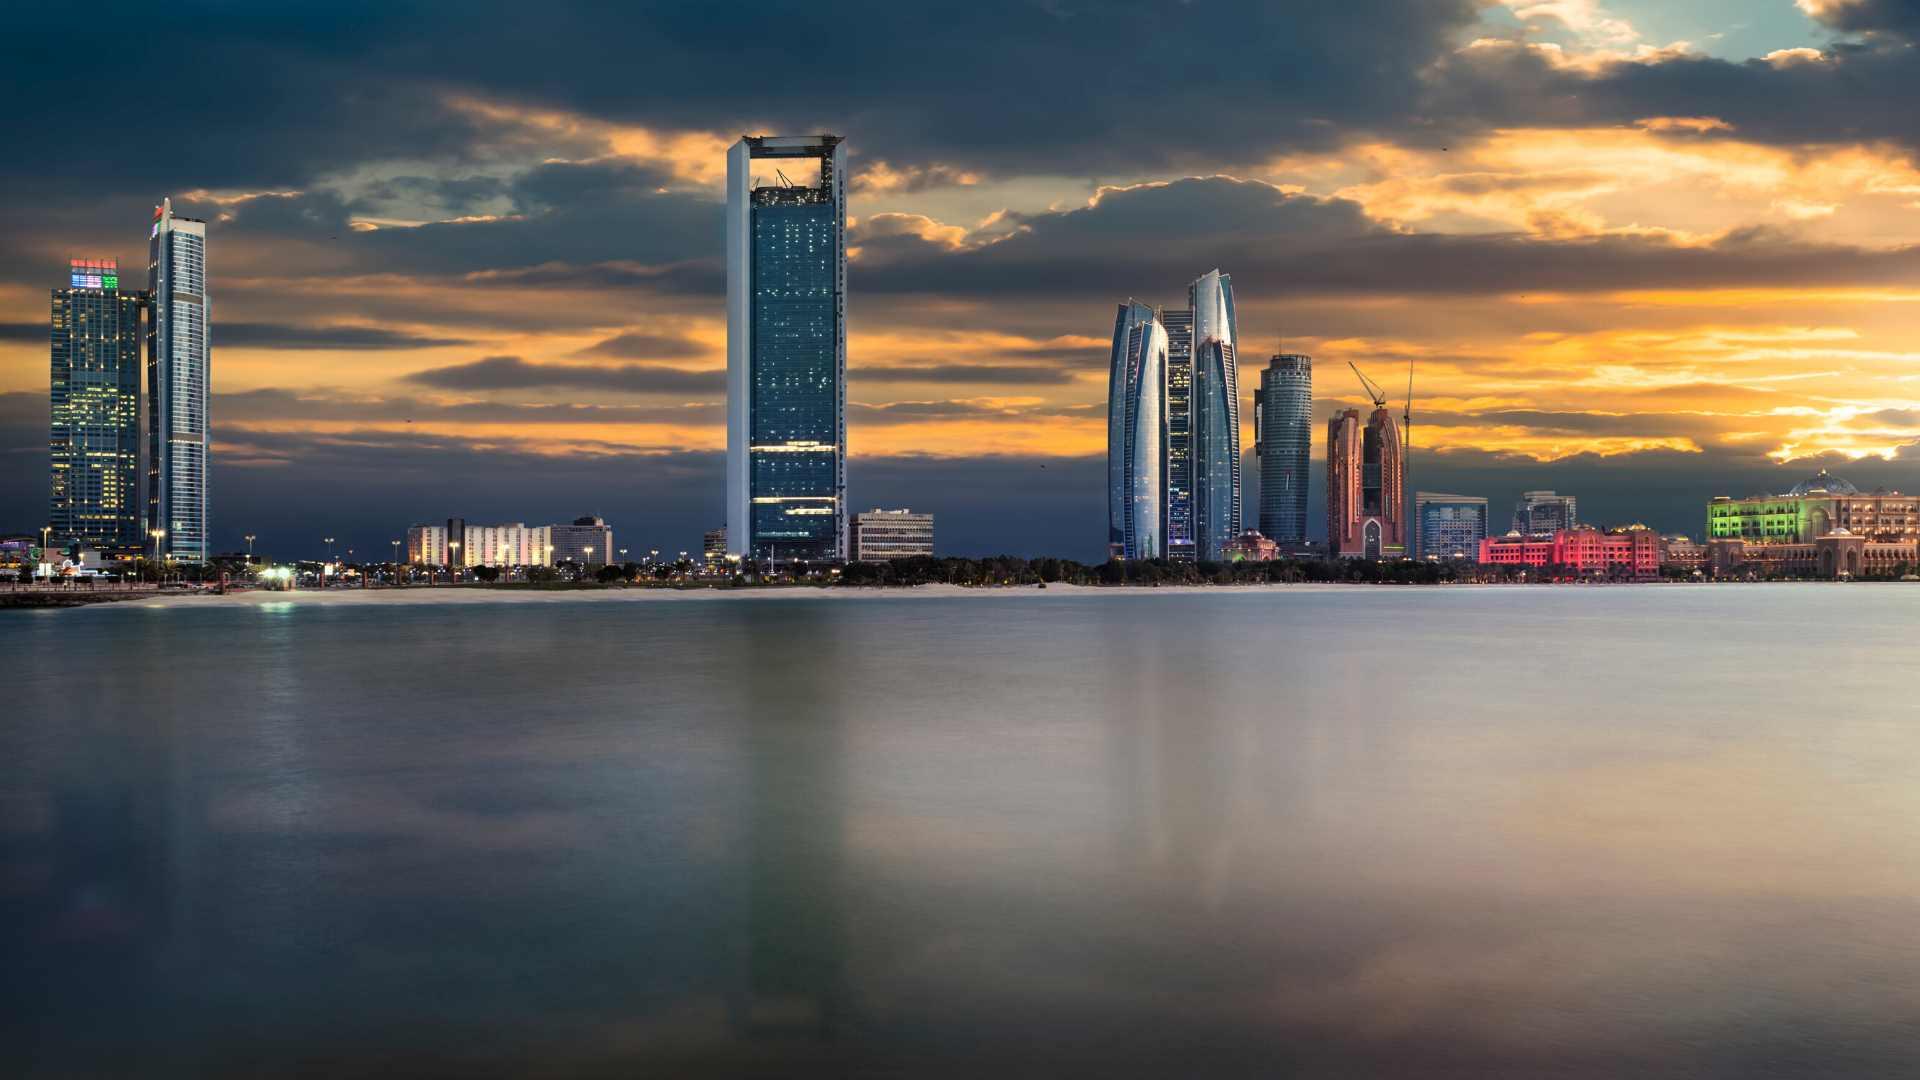 Abu Dhabi view from beach